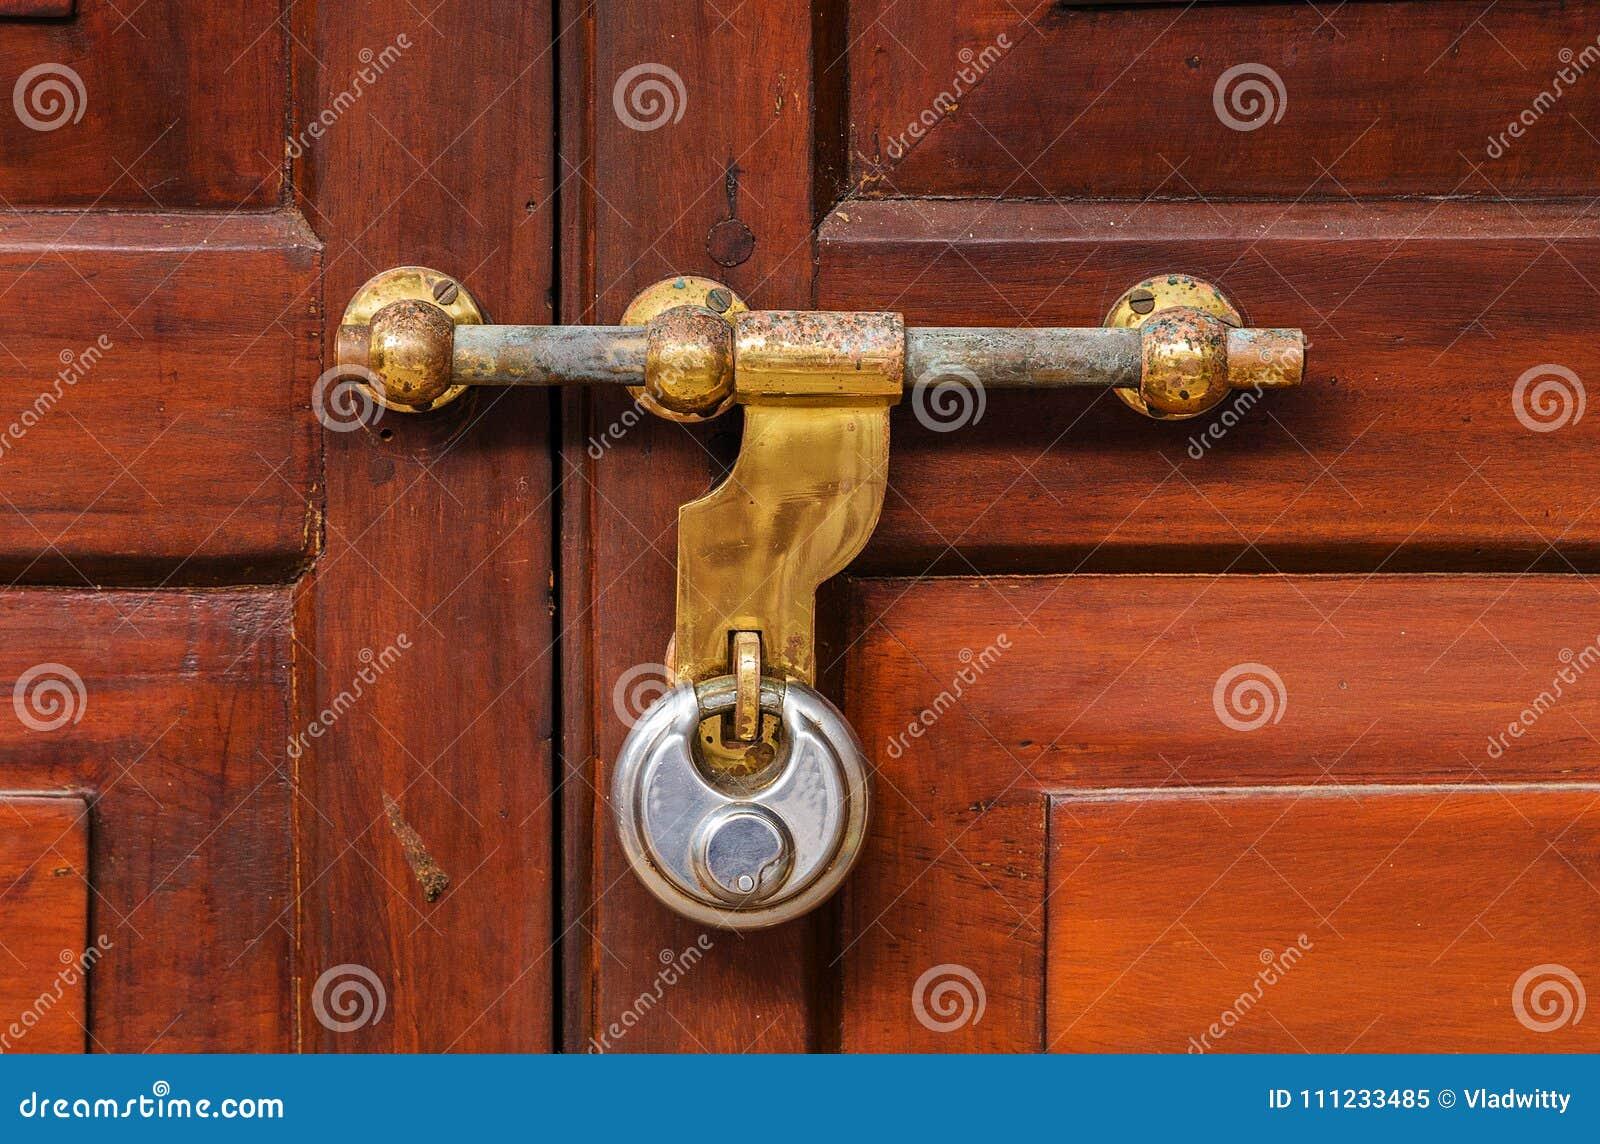 belongings en home business thieves for viewmedia locks vid news trailer wire door secures tamperproof doors from mgid lock invisible